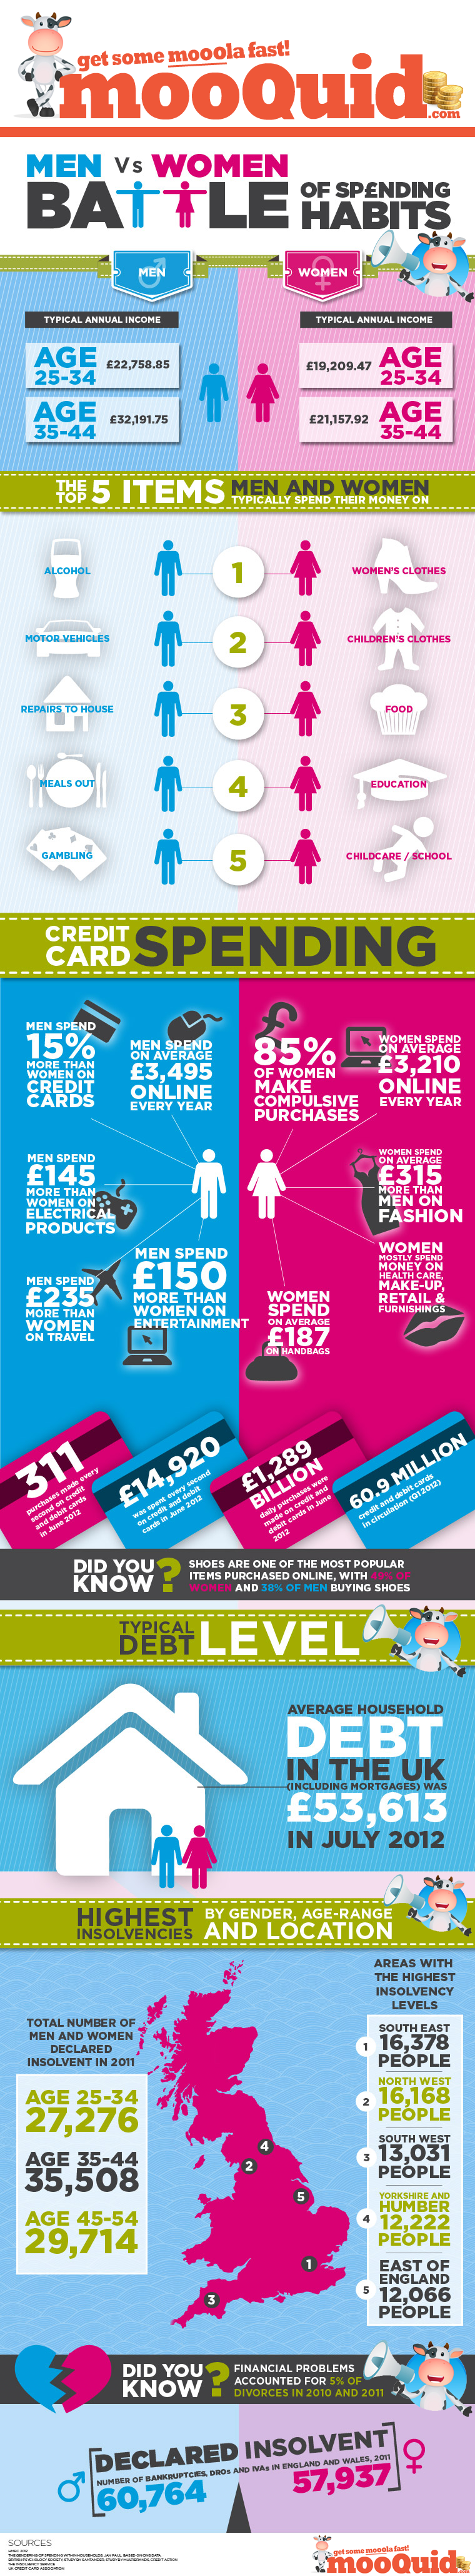 Men vs. Women: Battle of Spending Habits